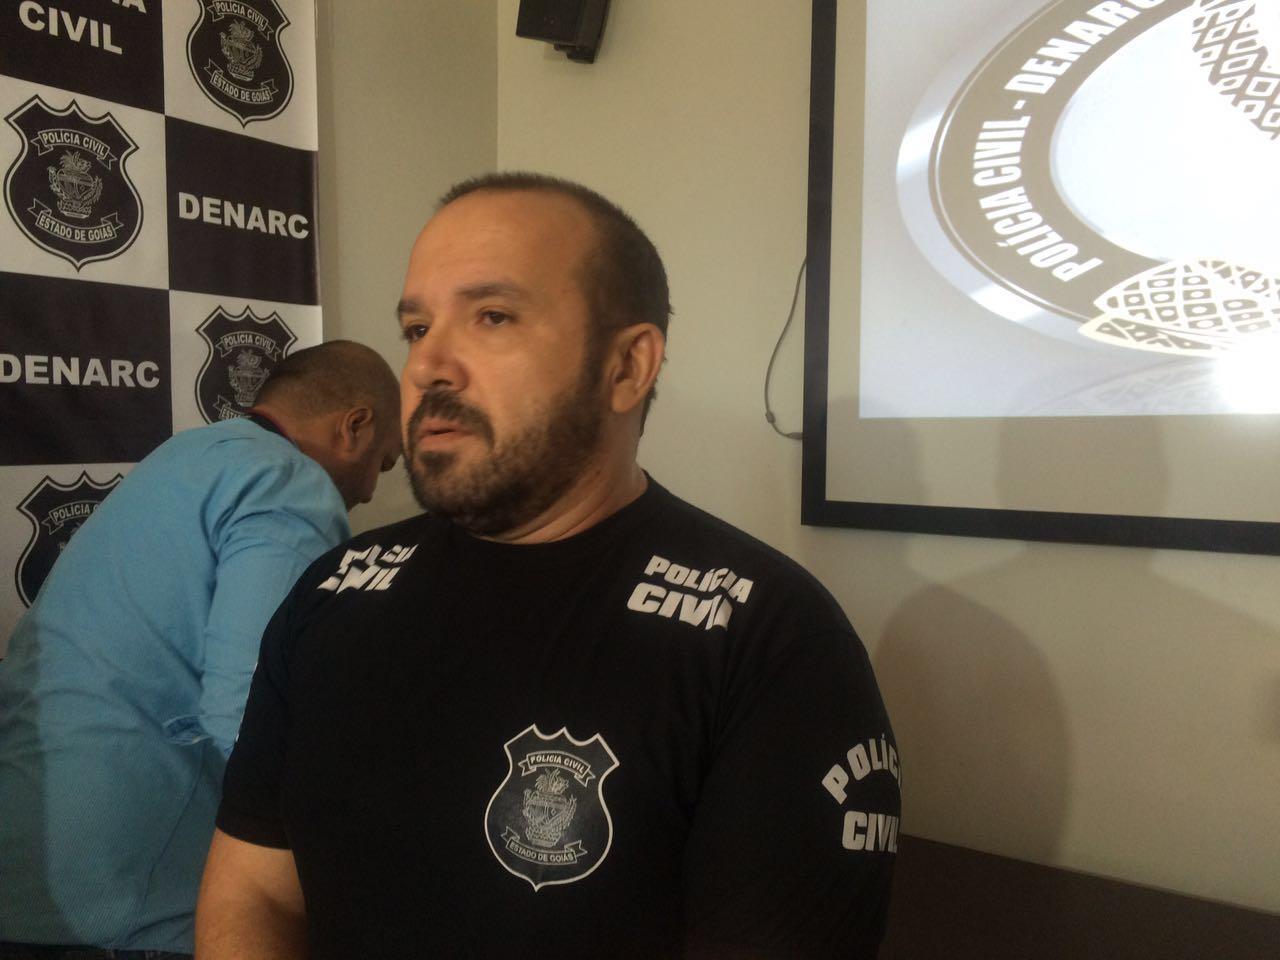 Polícia prende homem suspeito de traficar drogas em Goiânia|Foto: Jerônimo Junio/ Portal 730